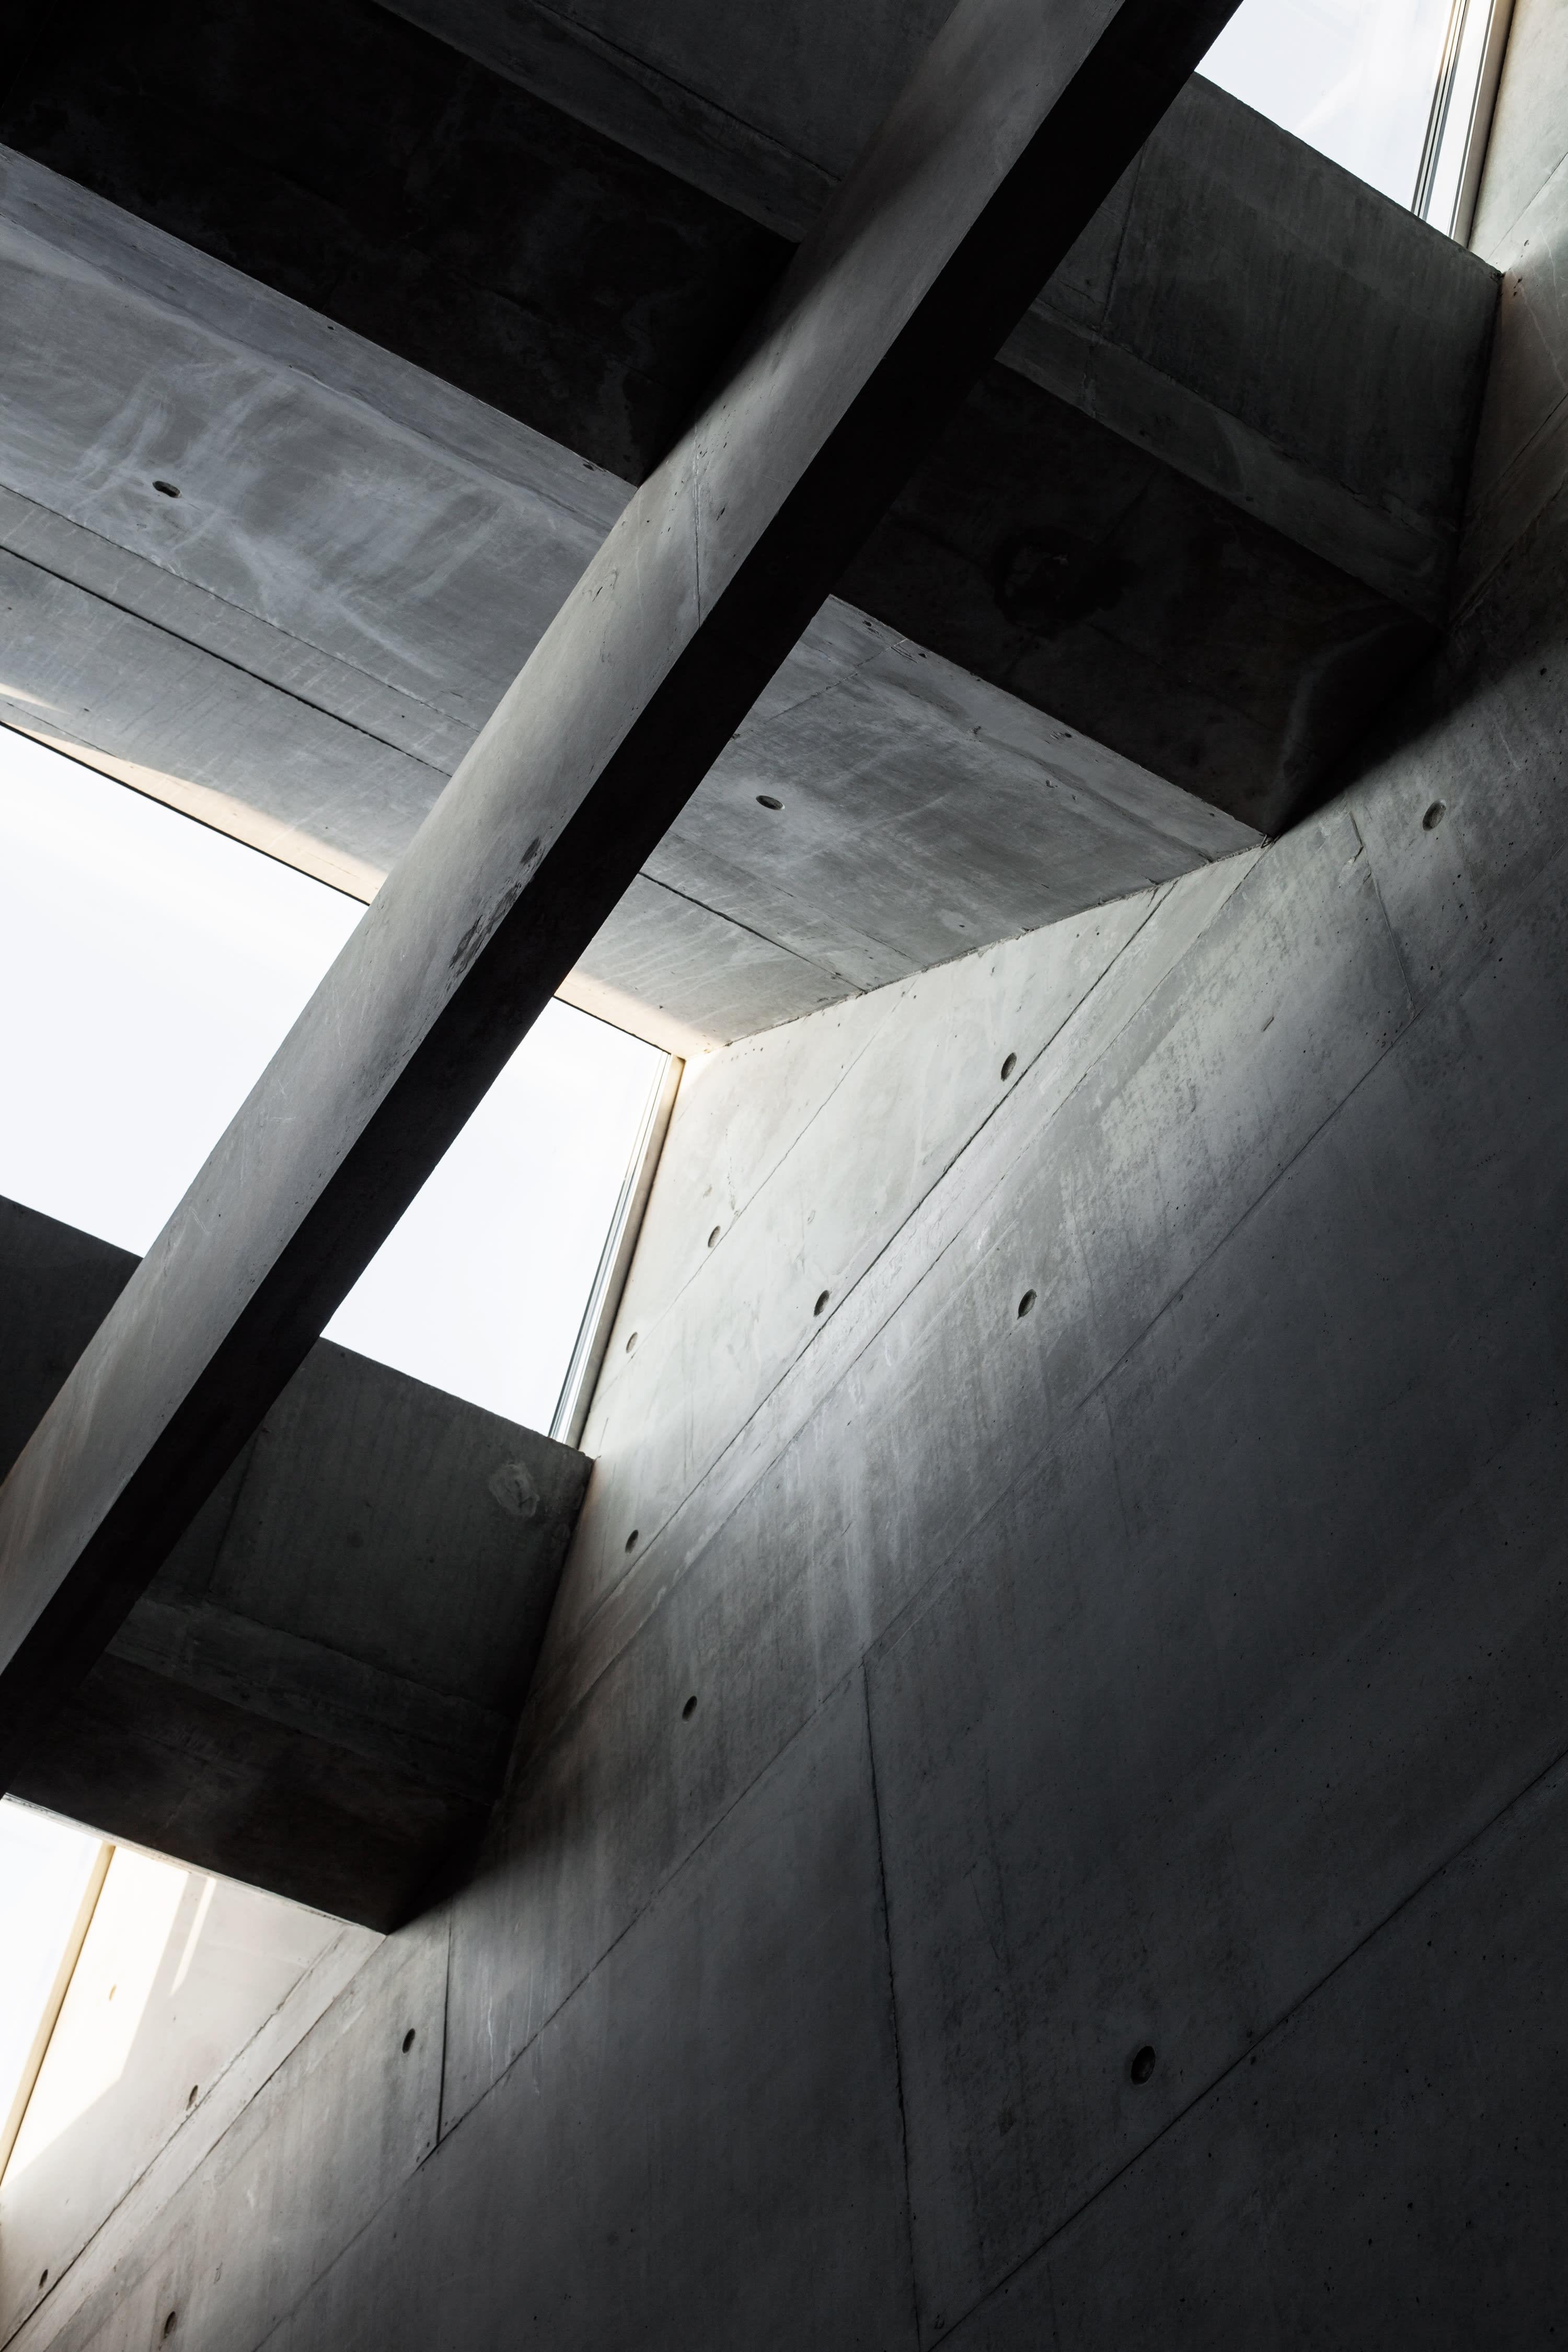 6a Architects Johan Dehlin 183 Juergen Teller Studio 183 Divisare